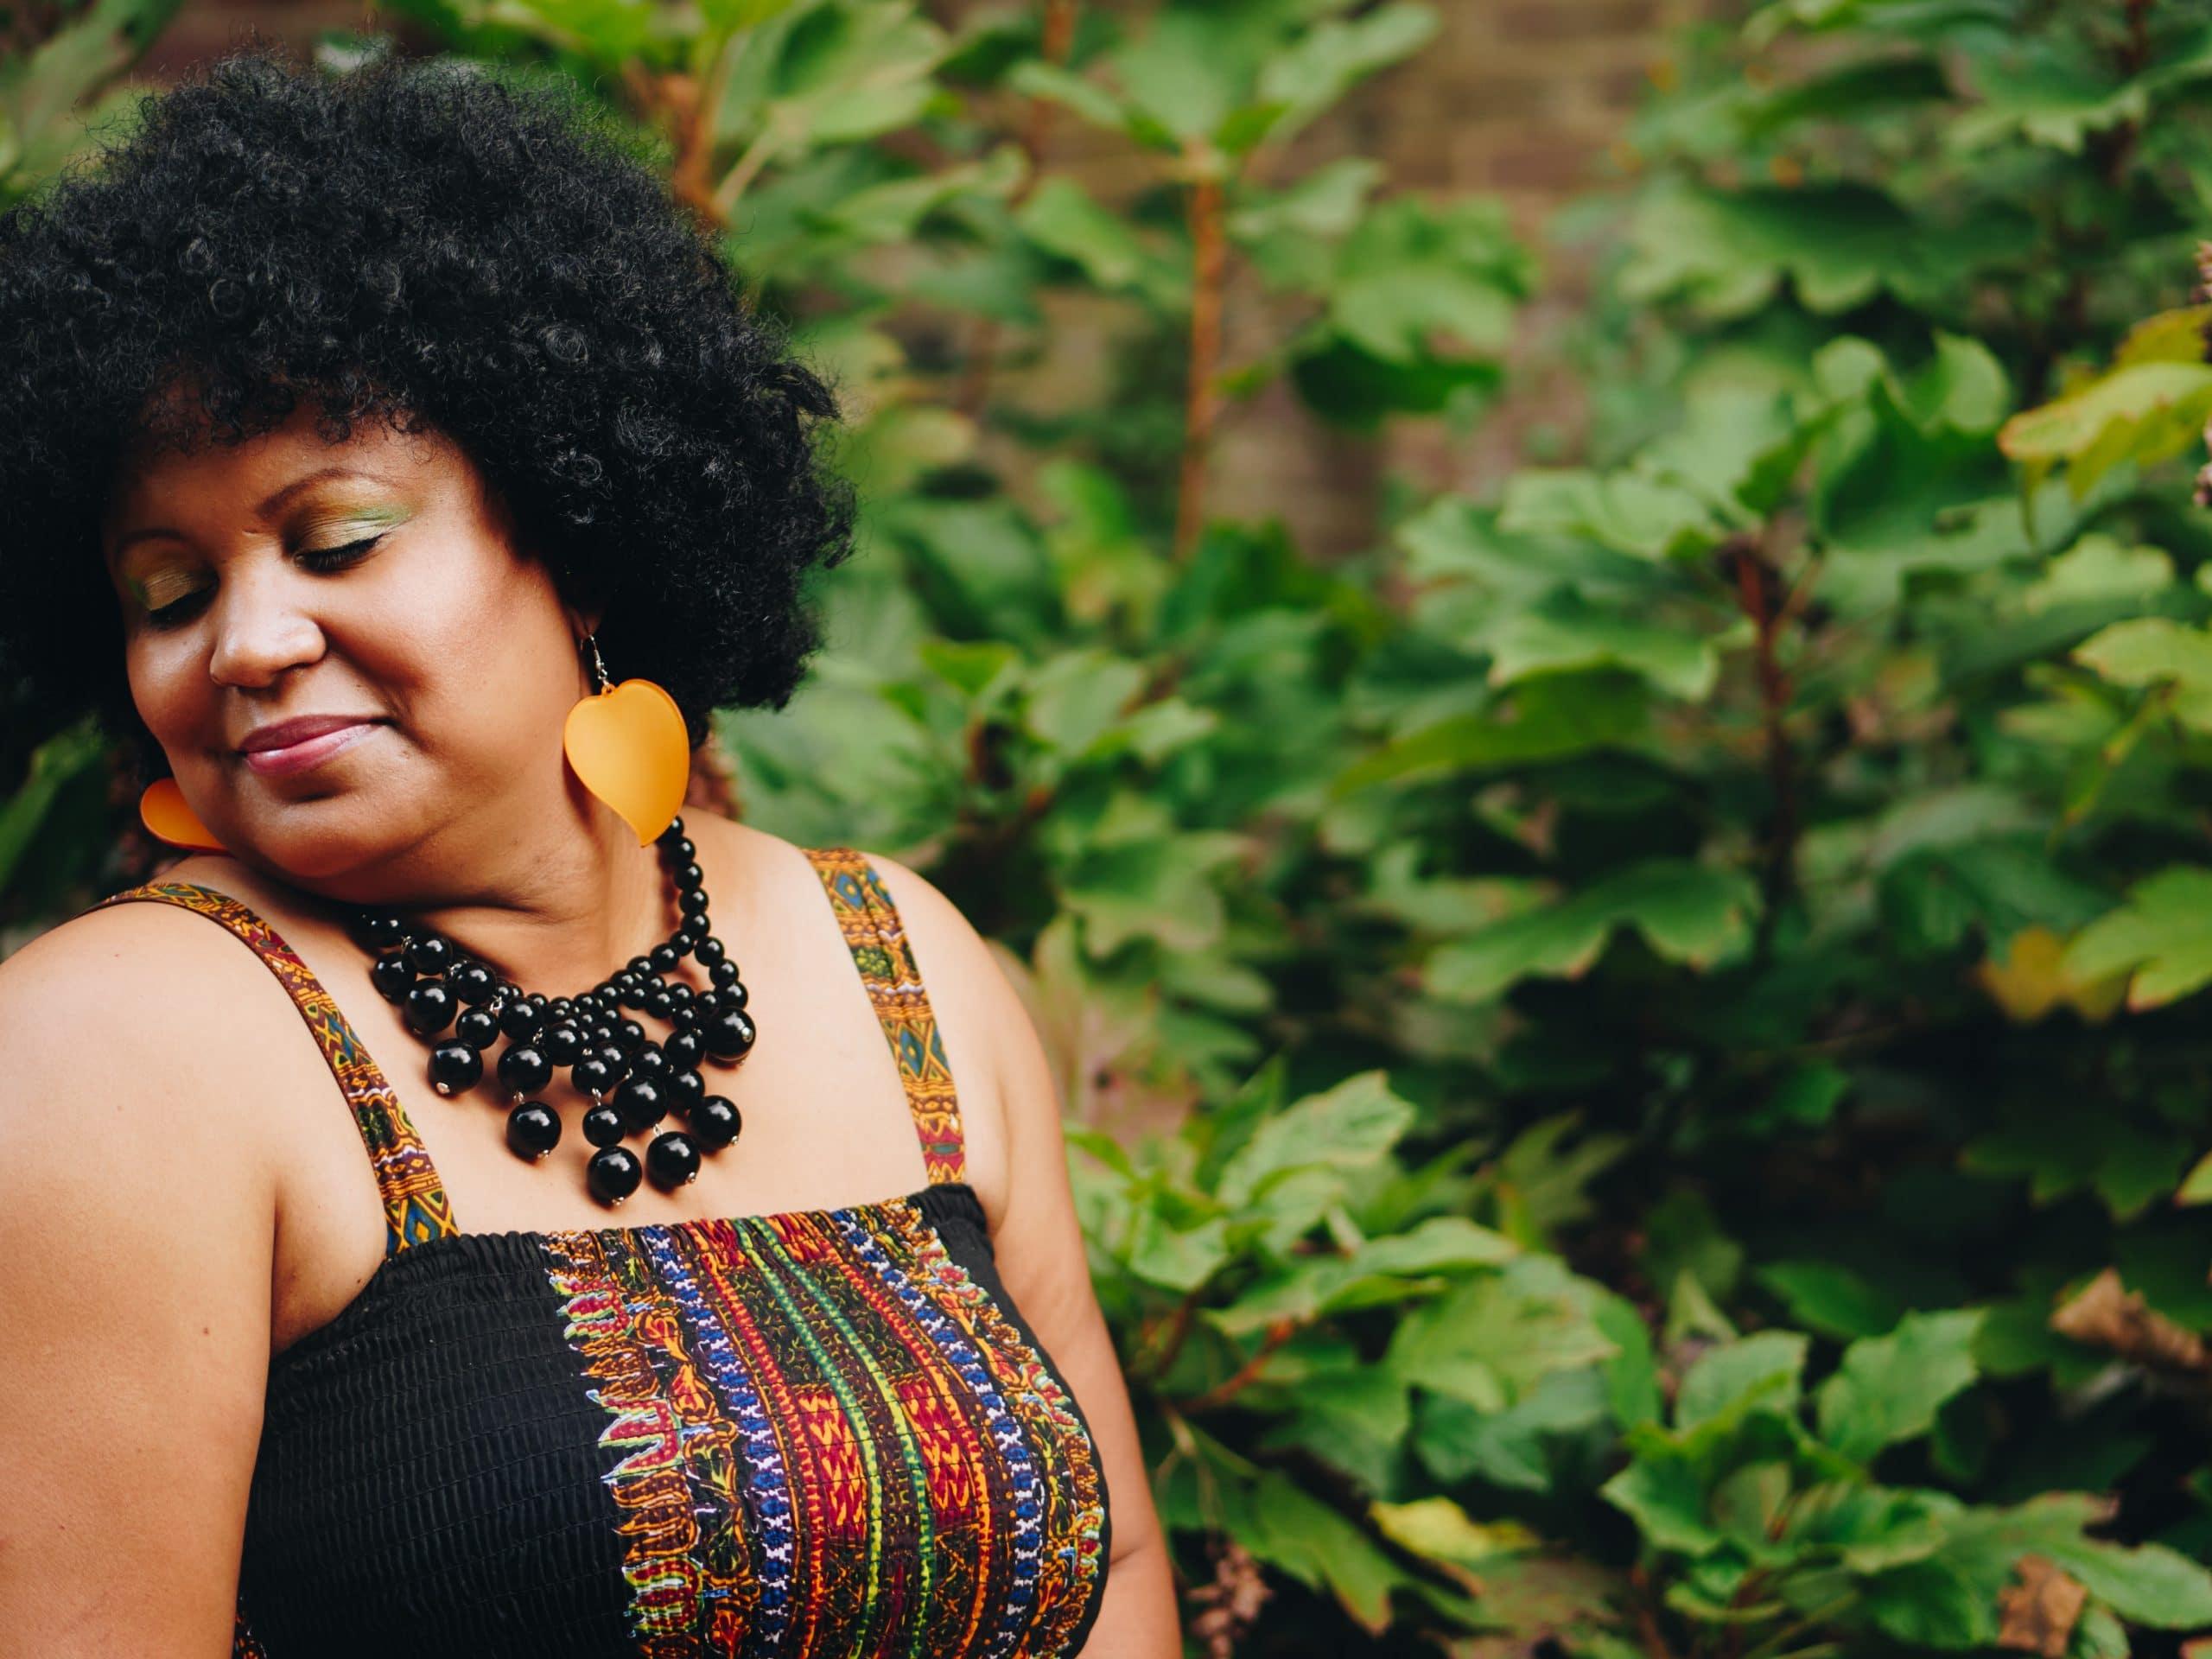 pour un look professionnel : assortissez vos chemises classiques à une jupe en tissu africain